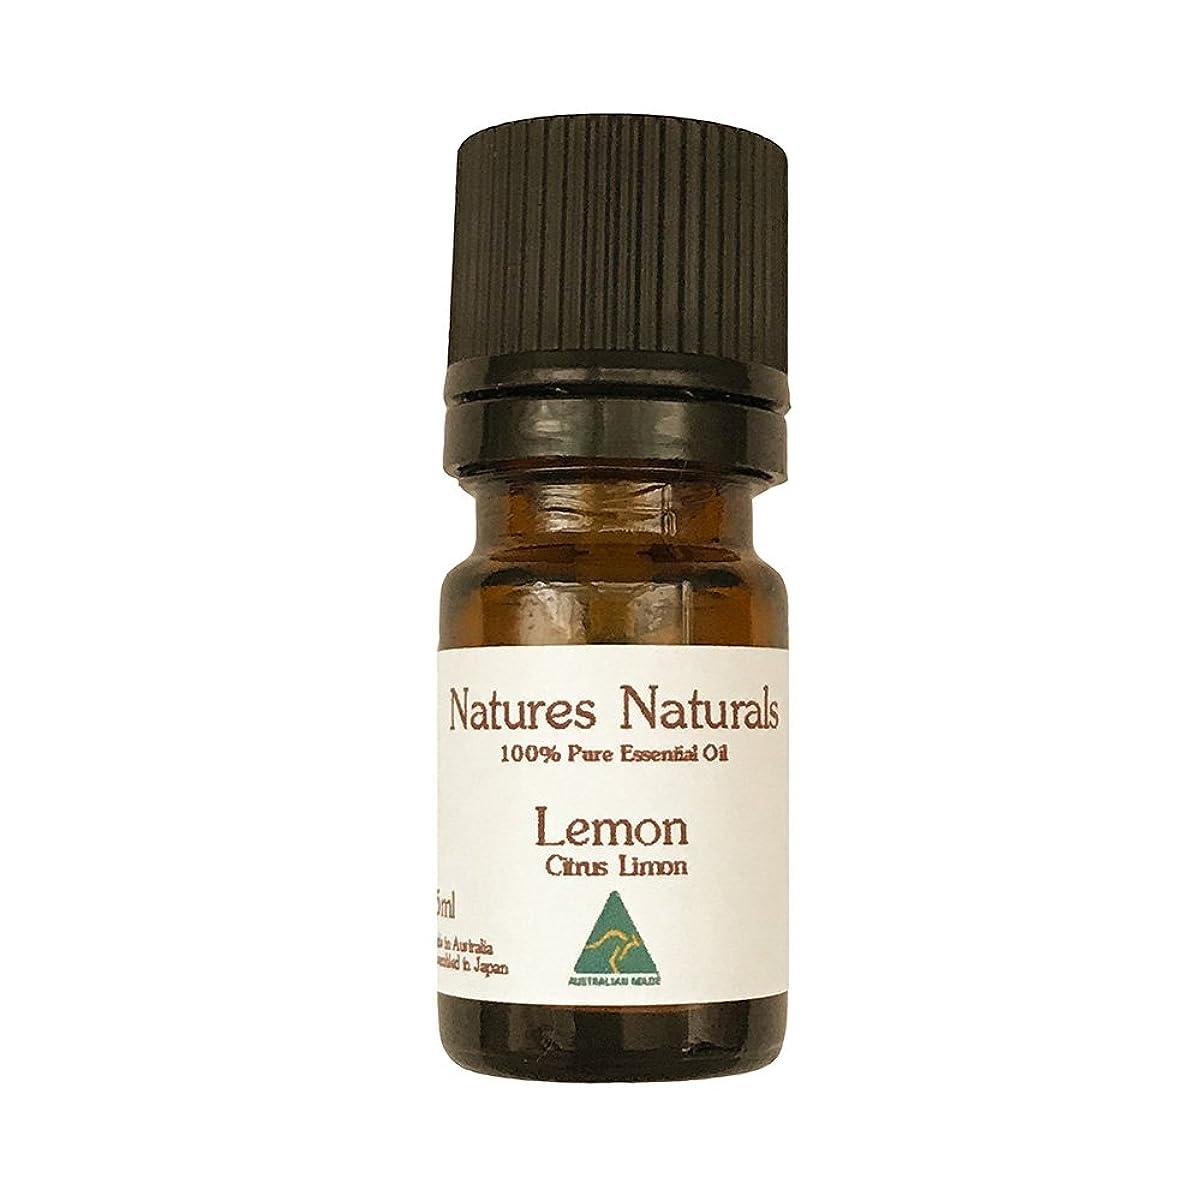 端トライアスリート含めるレモン エッセンシャルオイル 100% 精油 5ml